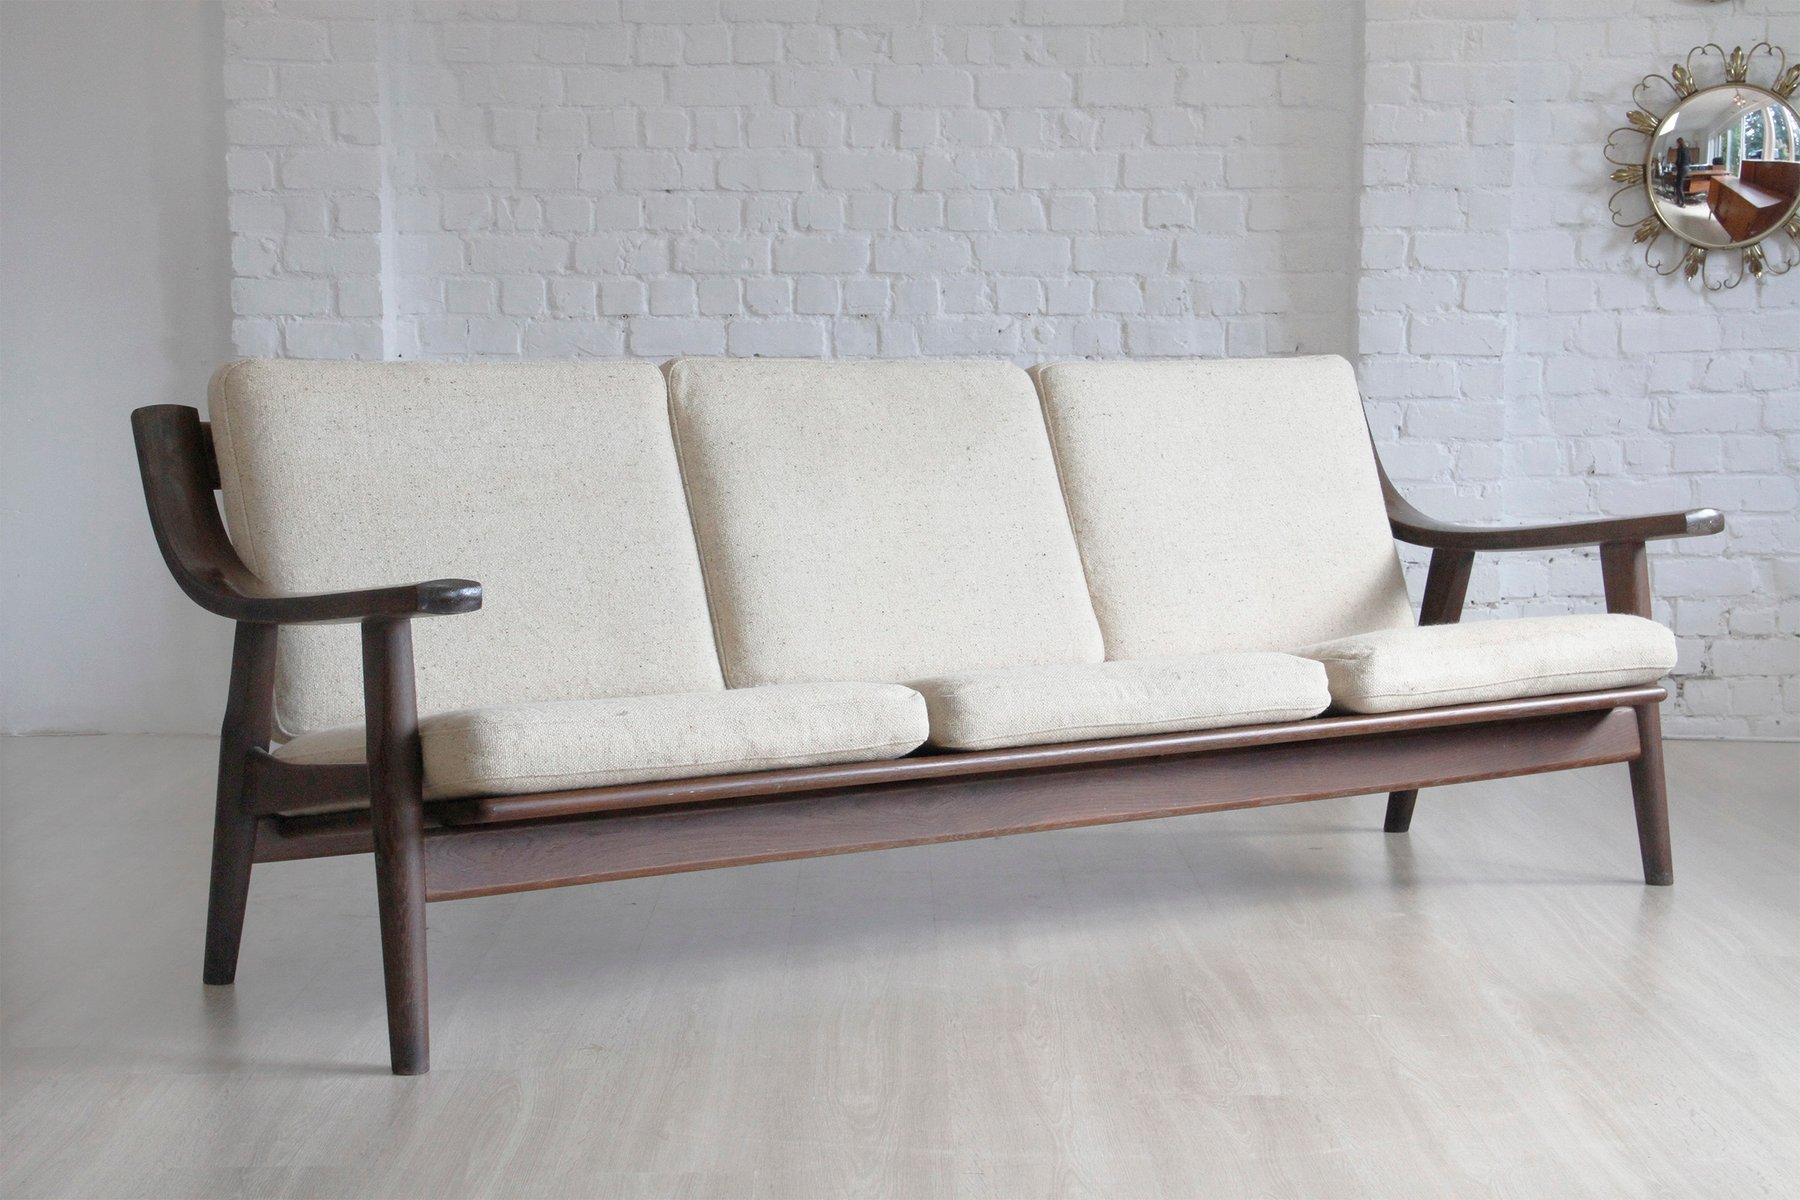 Ecksofa designklassiker  Vintage Modell GE-530/3 Sofa von Hans J. Wegner für Getama bei ...